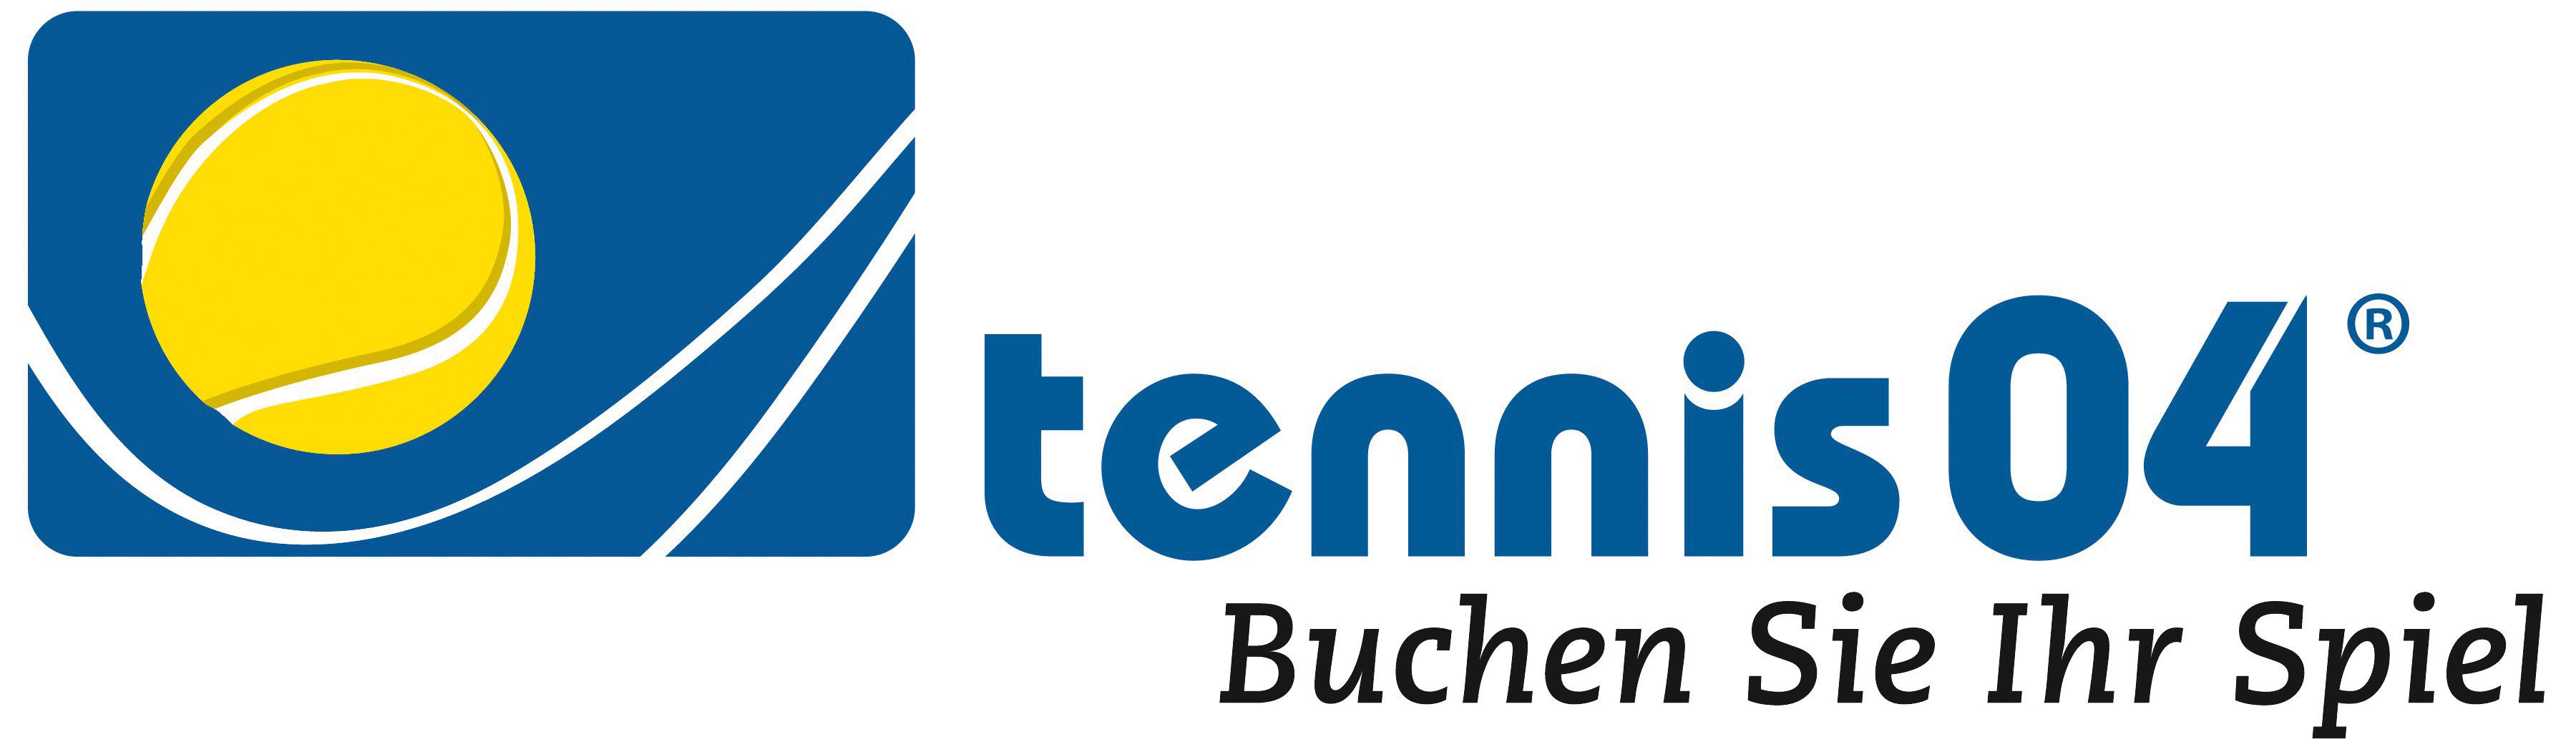 Tennis04 - Digitalisieren Sie ihre Tennisanlage!